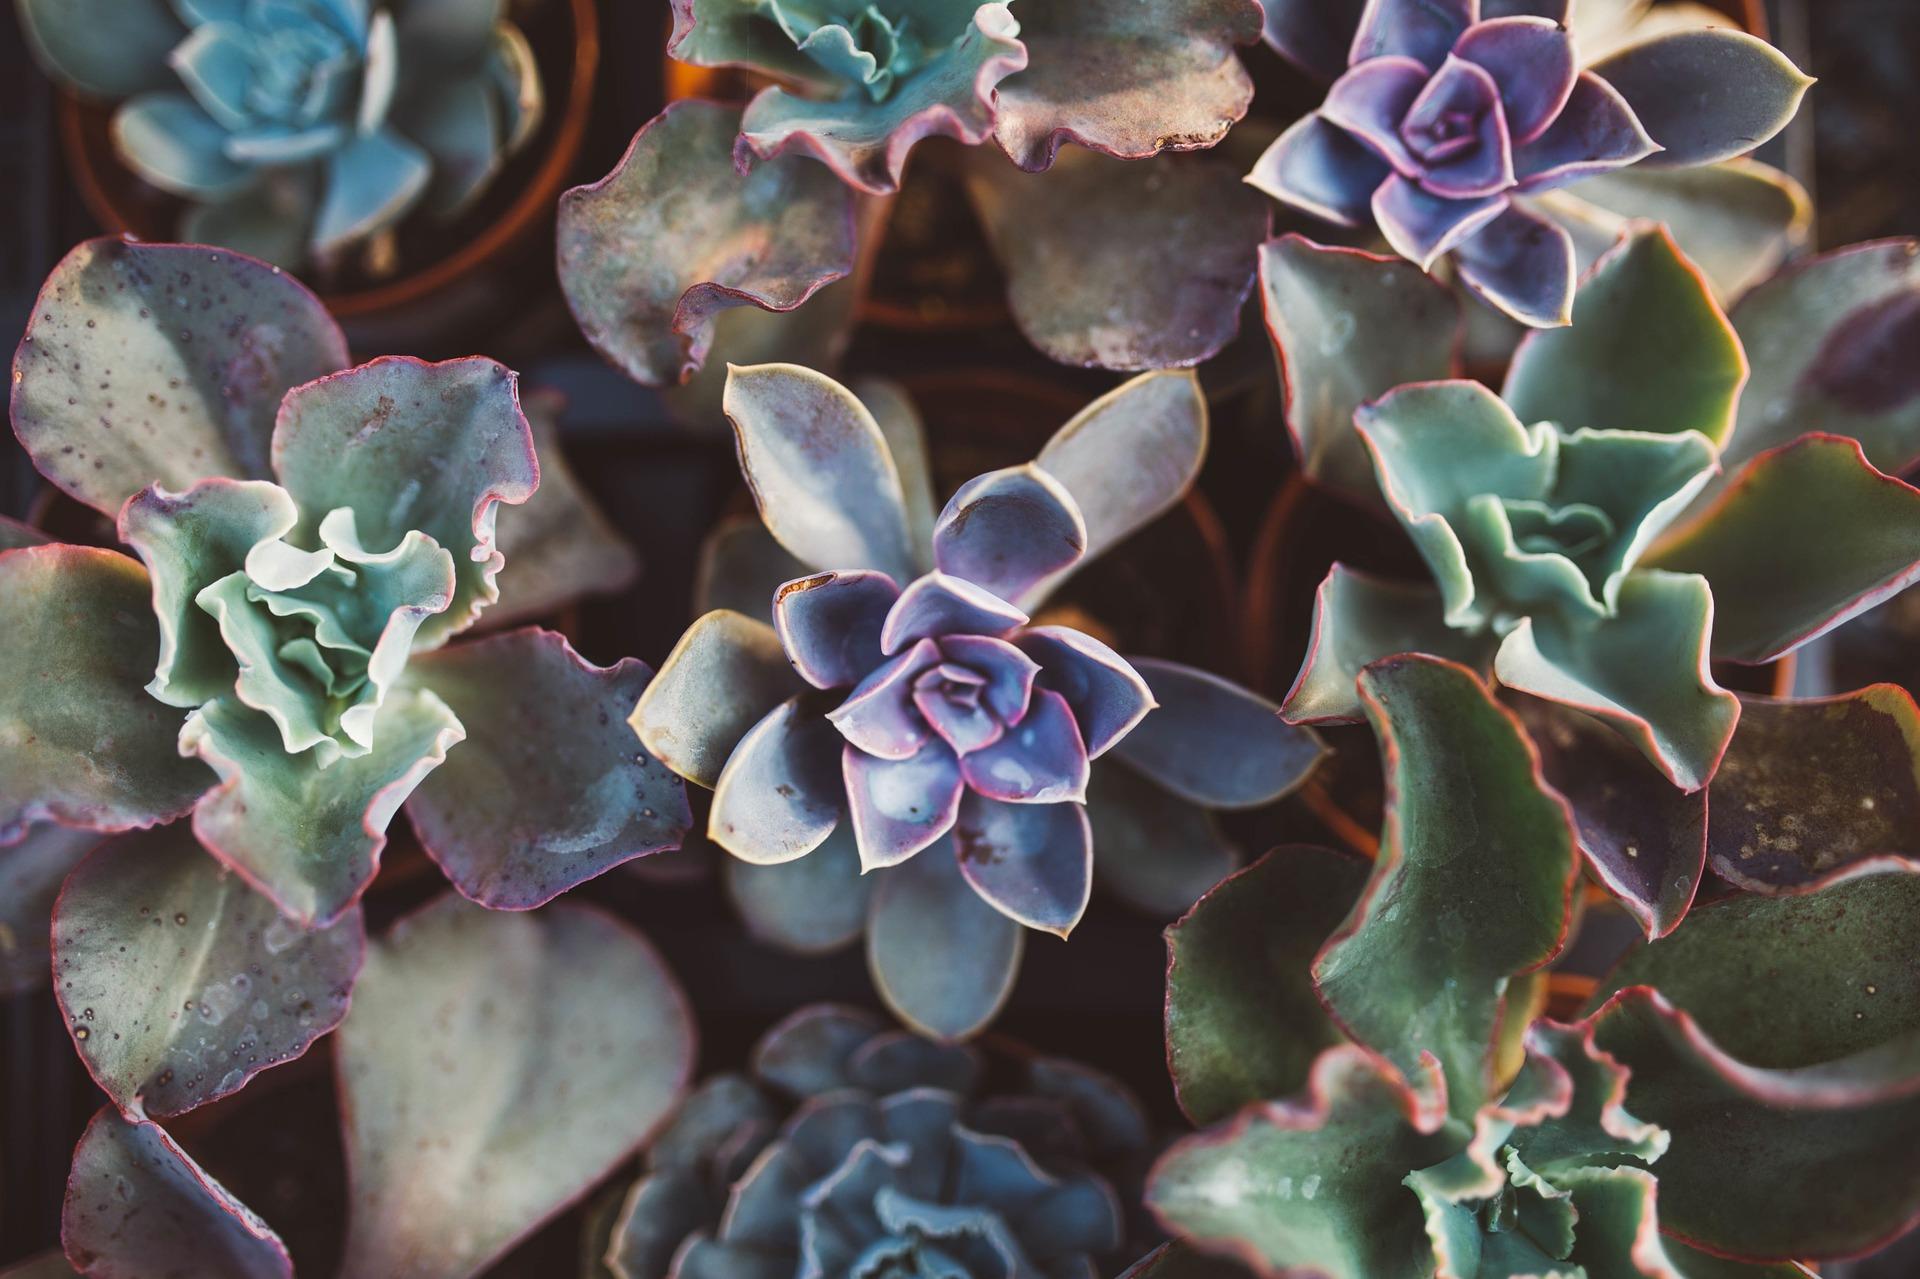 succulent-1031541_1920.jpg